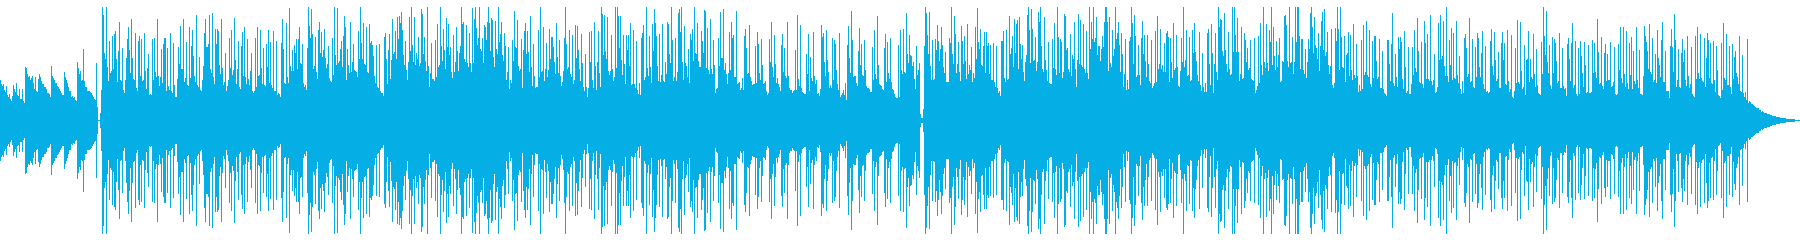 穏やかなシティポップ風BGMの再生済みの波形